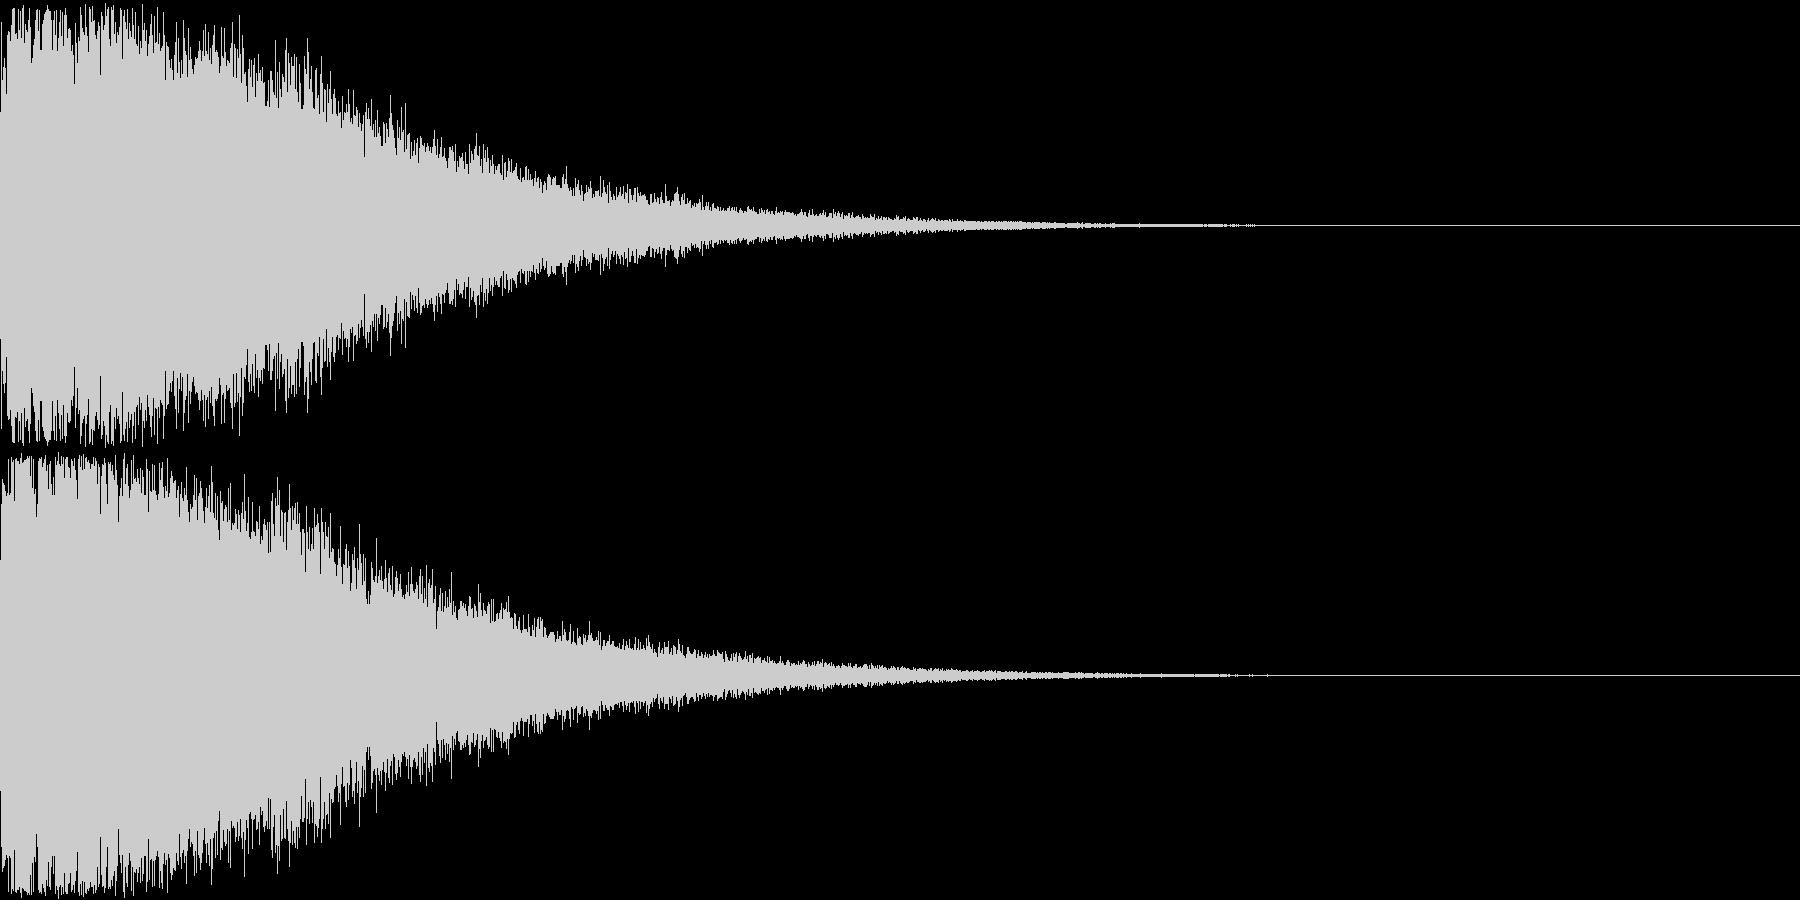 刀 剣 ソード カキーン キュイーン12の未再生の波形